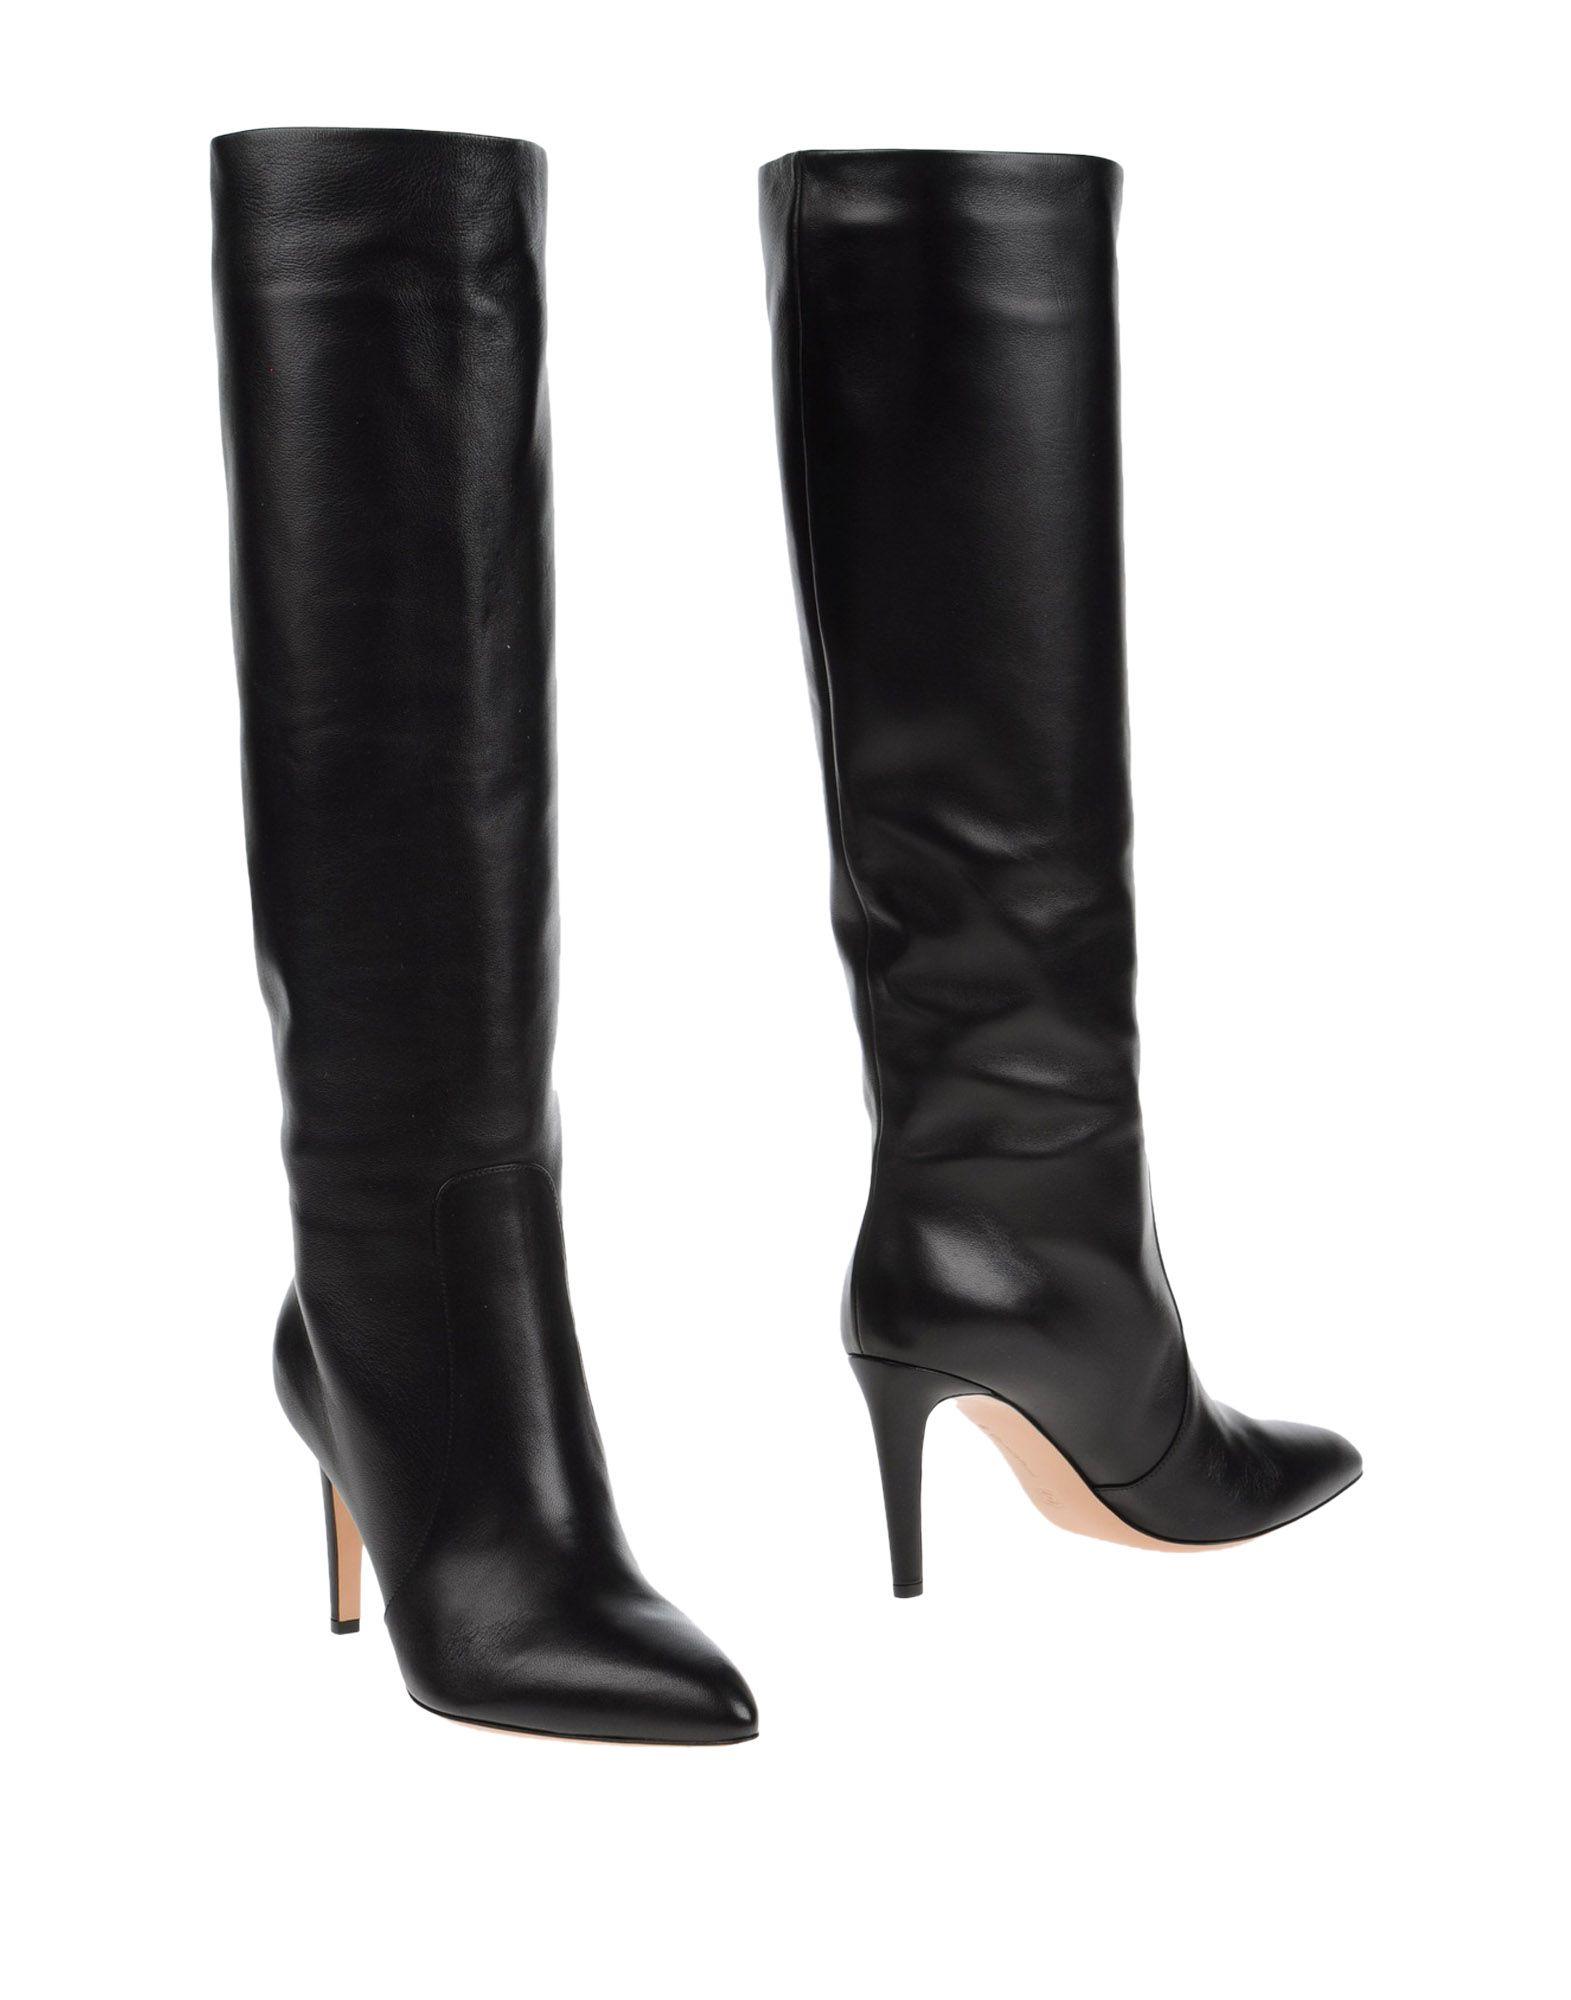 Gianvito Rossi Stiefel Damen aussehende  11233700EWGünstige gut aussehende Damen Schuhe d3fbc1